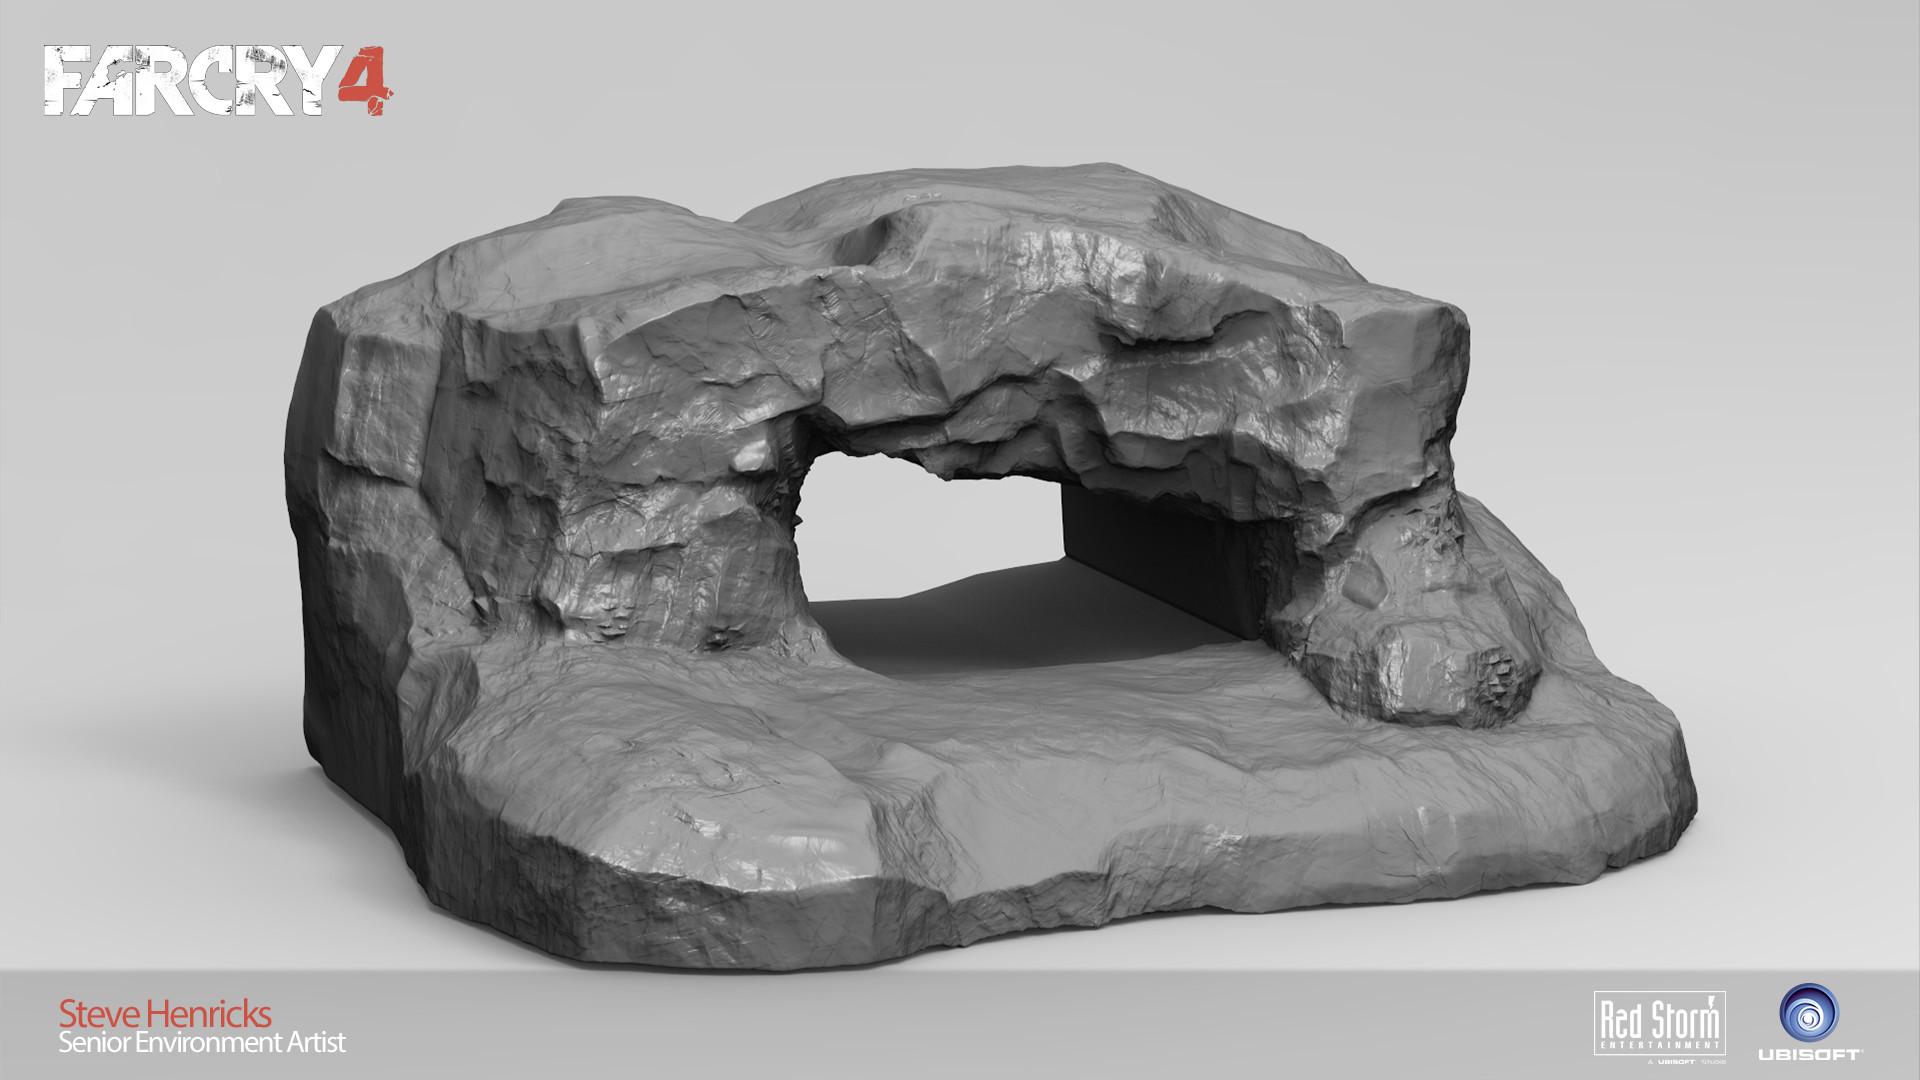 Steve henricks cavesculpt1